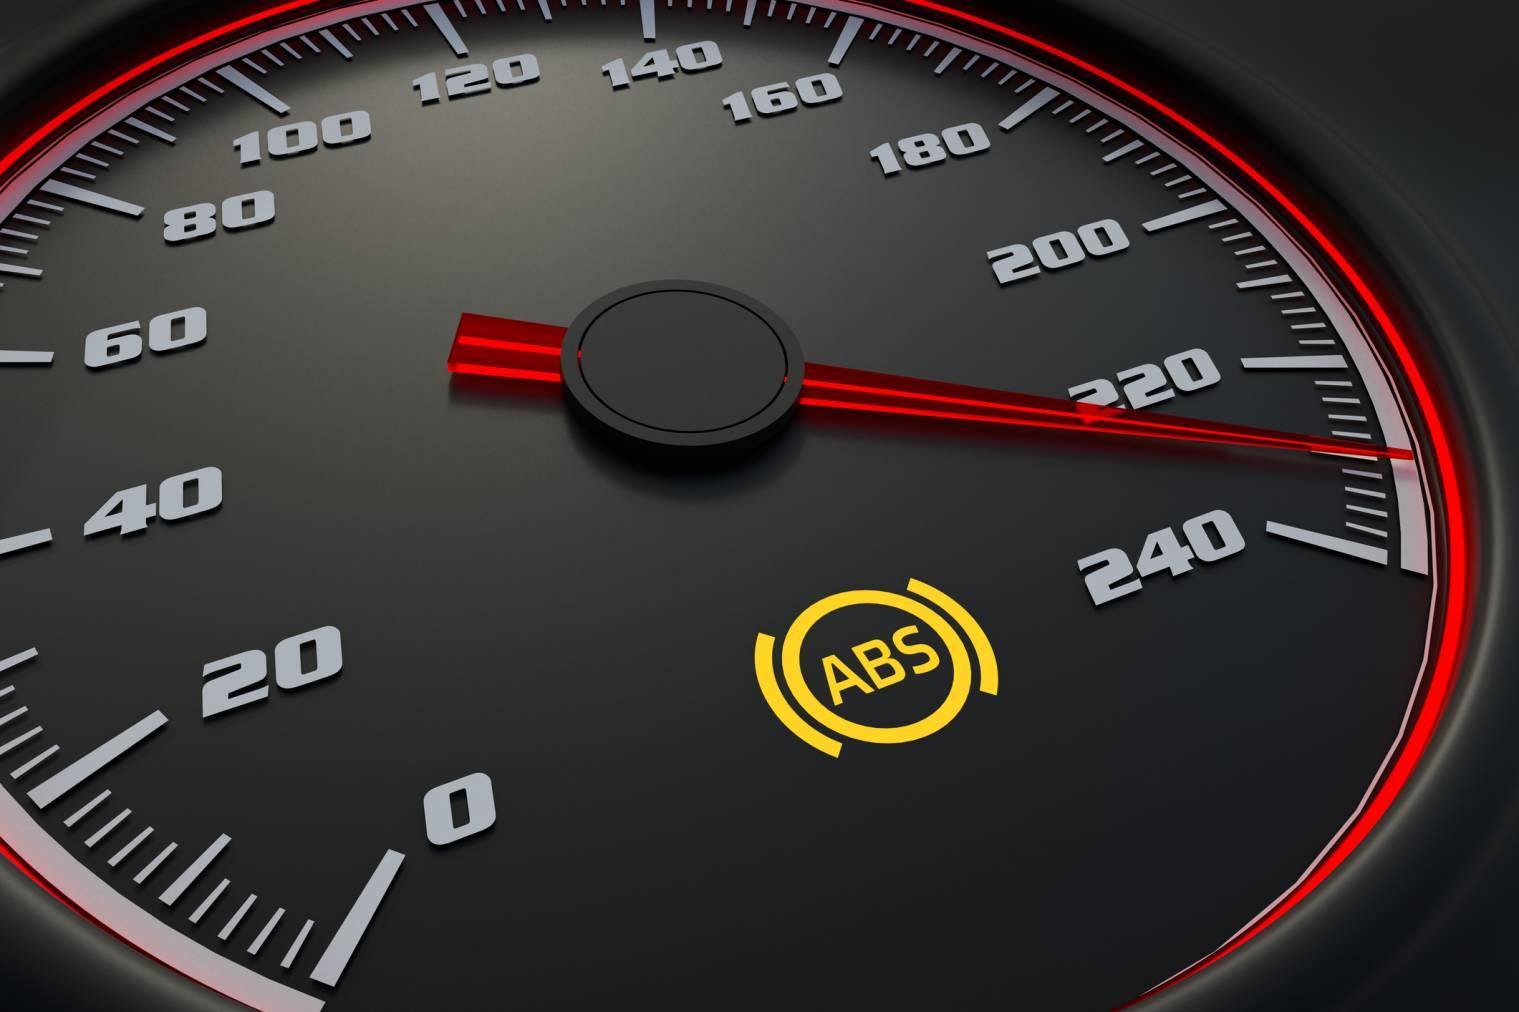 Voyant ABS allumé : quelles en sont les causes possibles ? Solutions